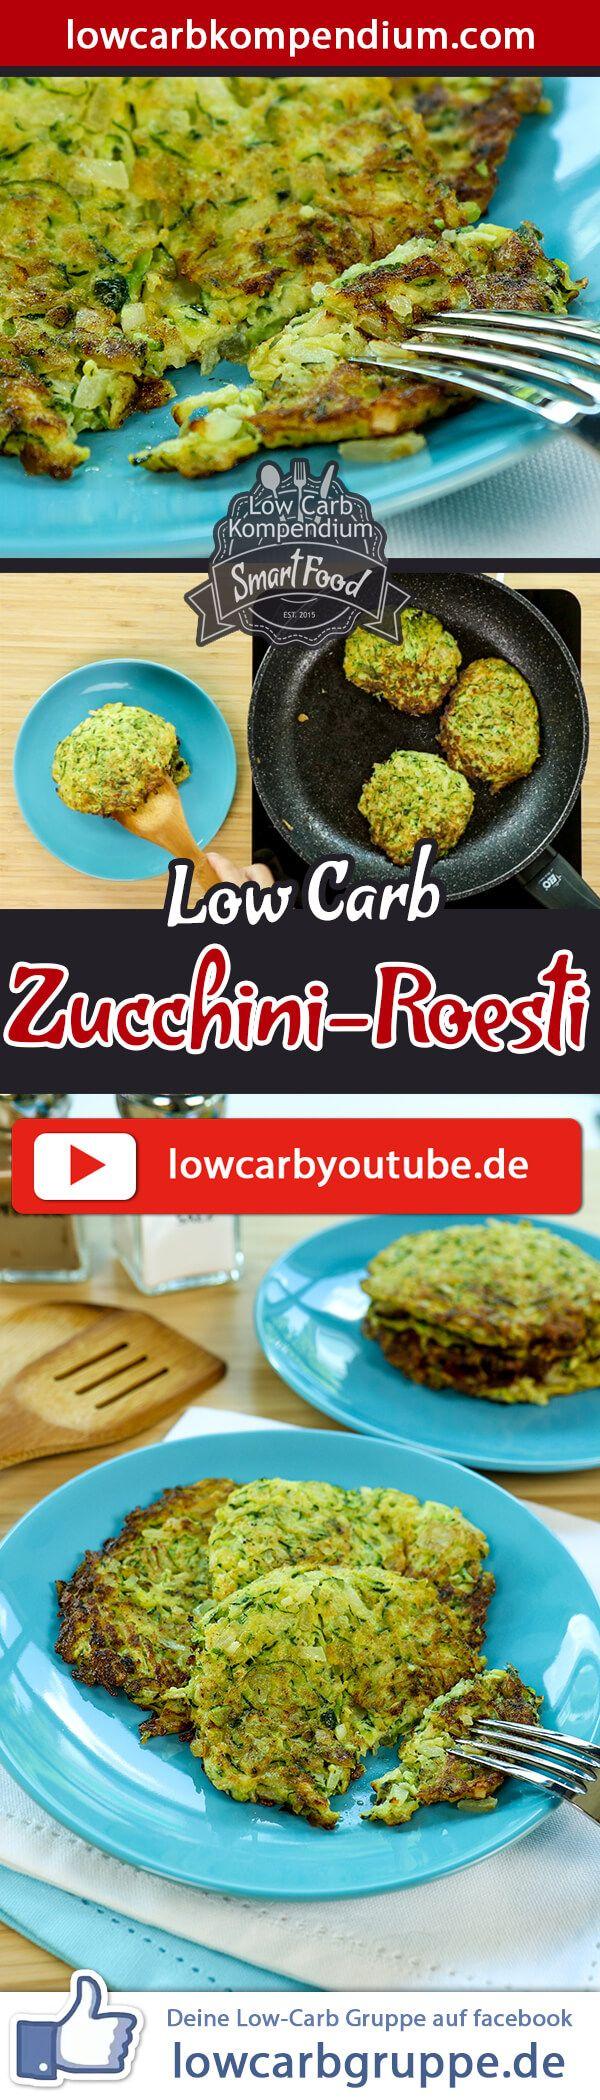 DiesesZucchini Roesti Rezept ist als herzhafter Low Carb Snack einfach genial. Die gesunde und kalorienarme Zucchini als Hauptzutat ist einfach unschlagbar. Das grüne Gemüse liefert viele wertvolle Nährstoffe und ist bei Jung und Alt sehr beliebt.    Wenn Du ein paar Zucchini Roesti mehr brätst, dann kann aus den leckeren Rösti im Handumdrehen eine Hauptmahlzeit werden. Zu den Zucchini Roesti passt auch prima Kurzgebratenes oder zum Beispiel knusprige Hähnchenschenkel - und dein Mittagessen…